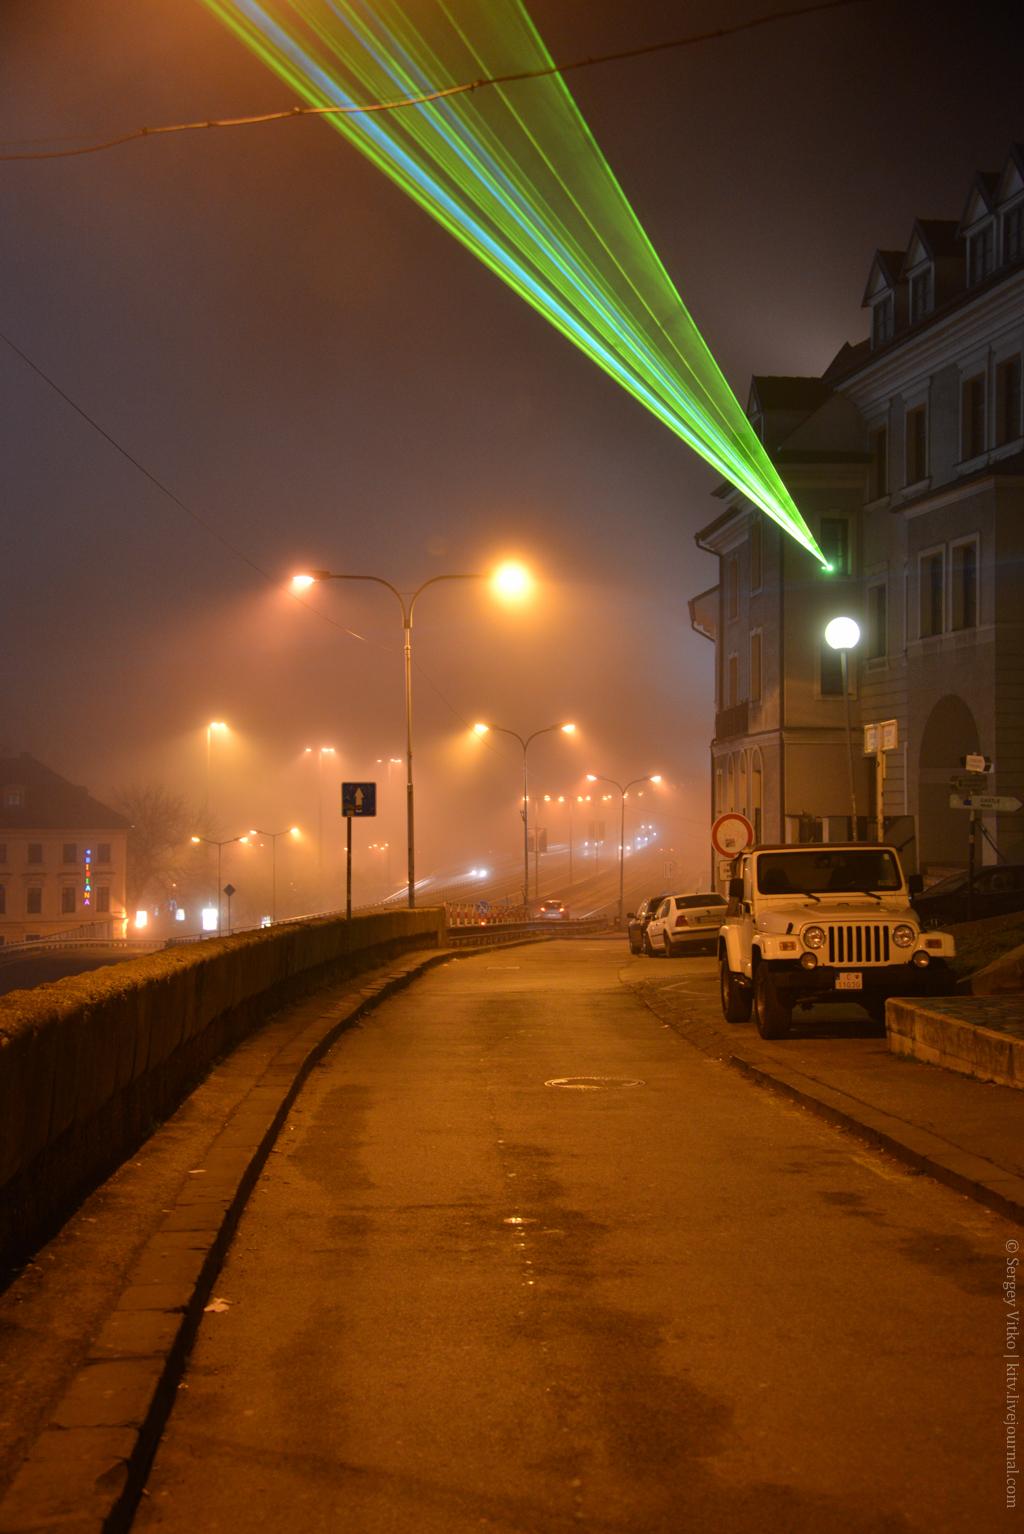 и осветил каким-то нереальным светом собор Святого Мартина в тумане.